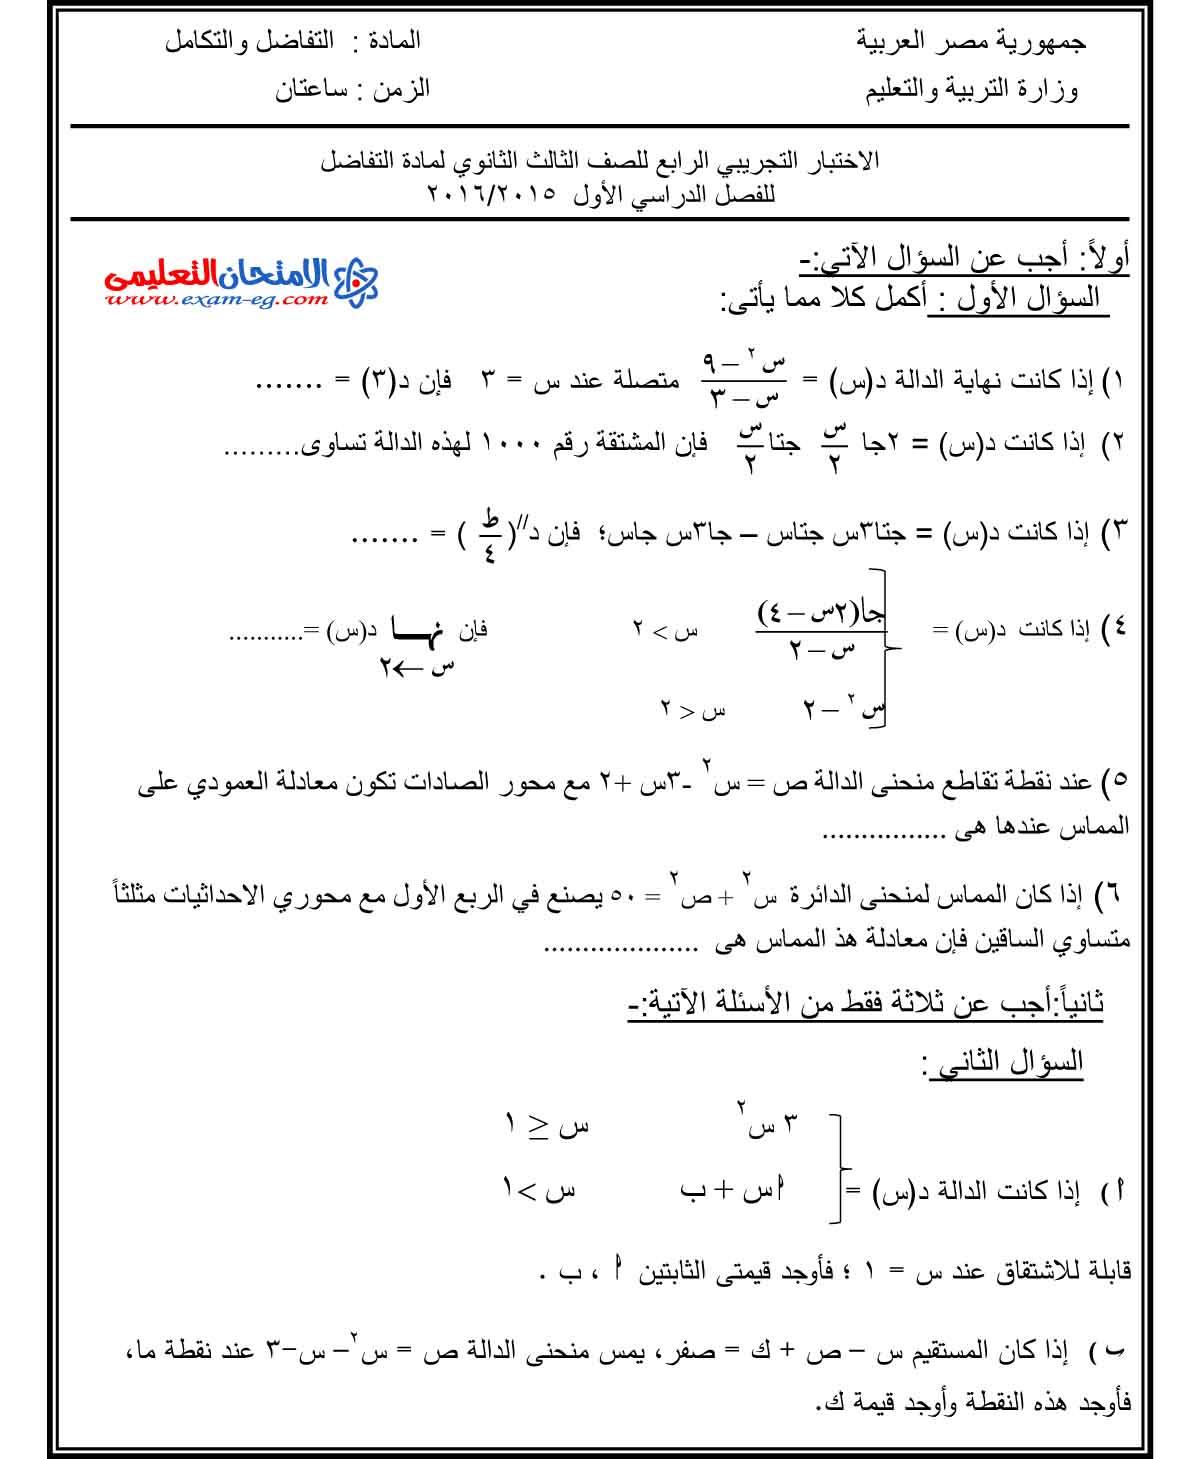 تفاضل وتكامل 4 - الامتحان التعليمى-1